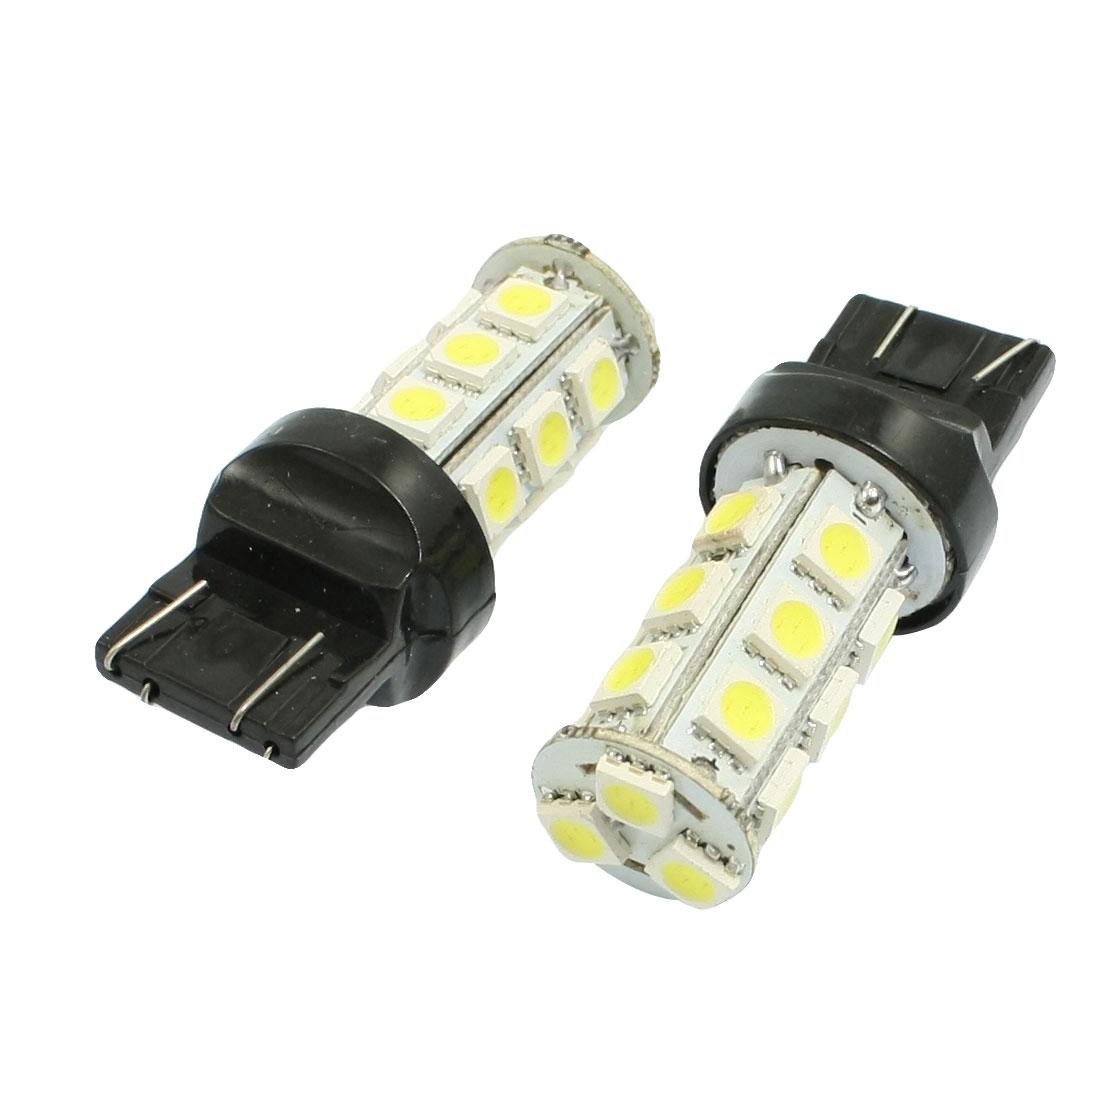 2pcs Car Vehicle T20 White 18 SMD LED Rear Turn Signal Light Bulbs